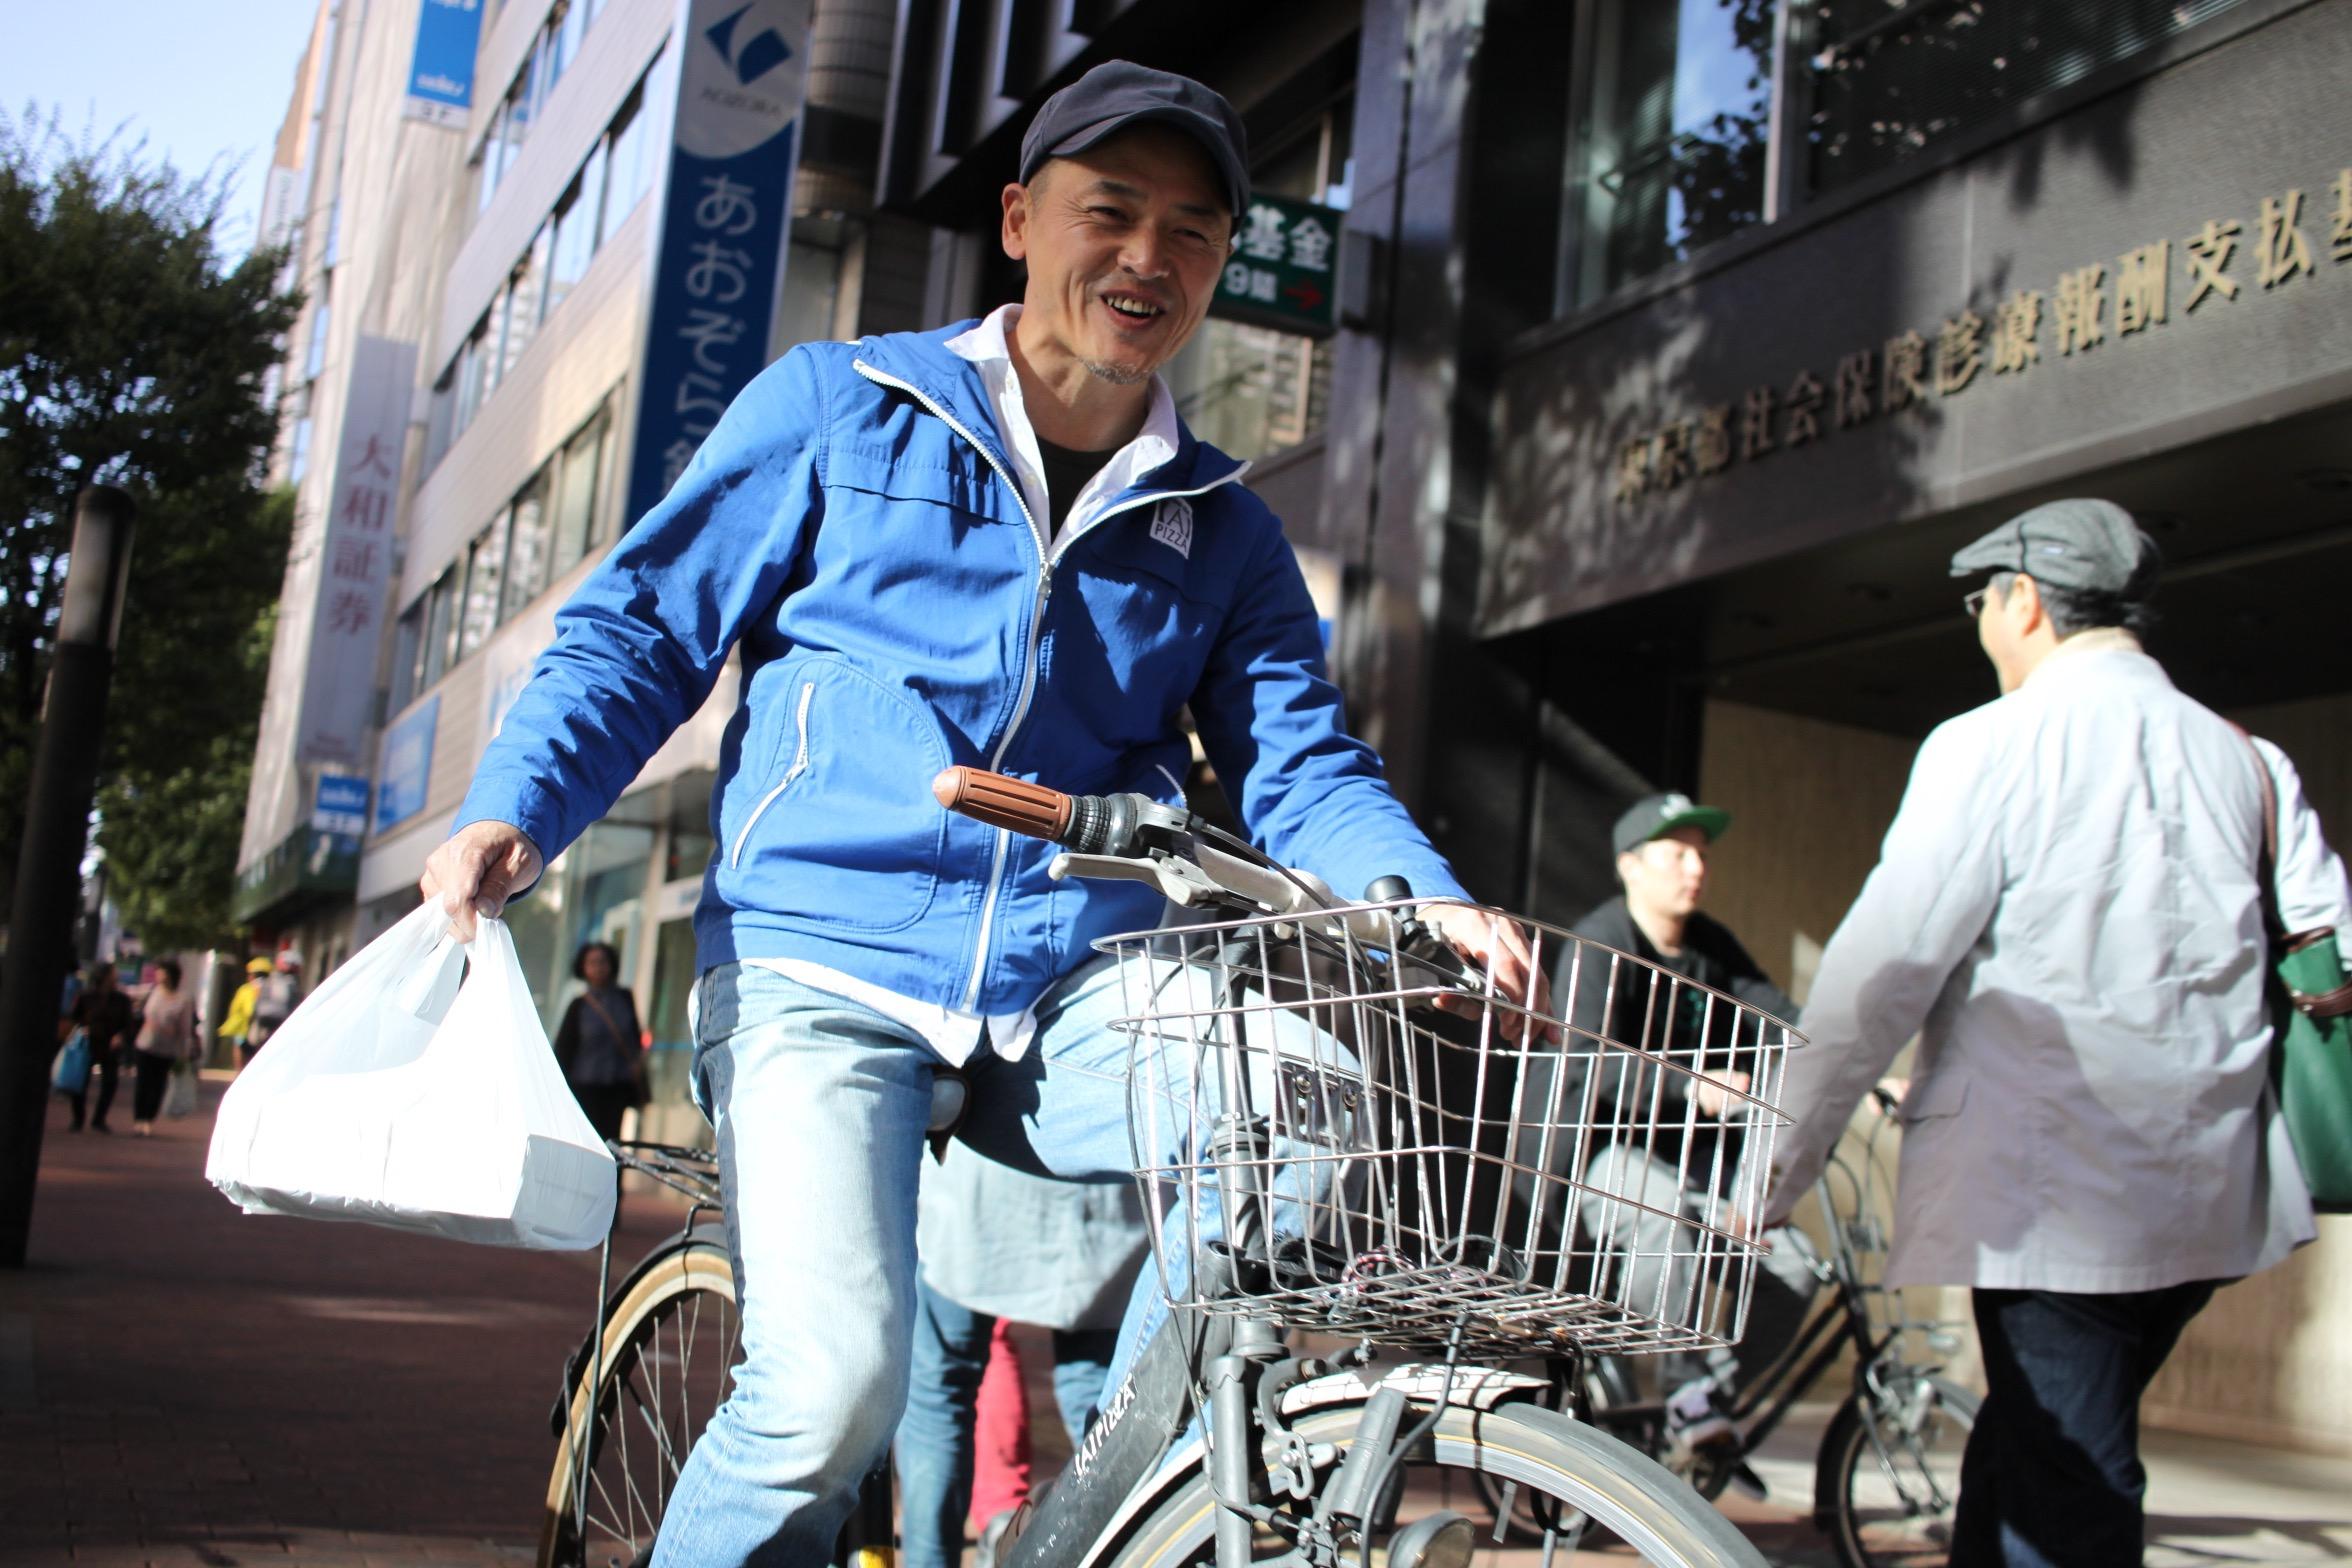 【A】PIZZA(エーピッツァ)店長の平井孝夫さん